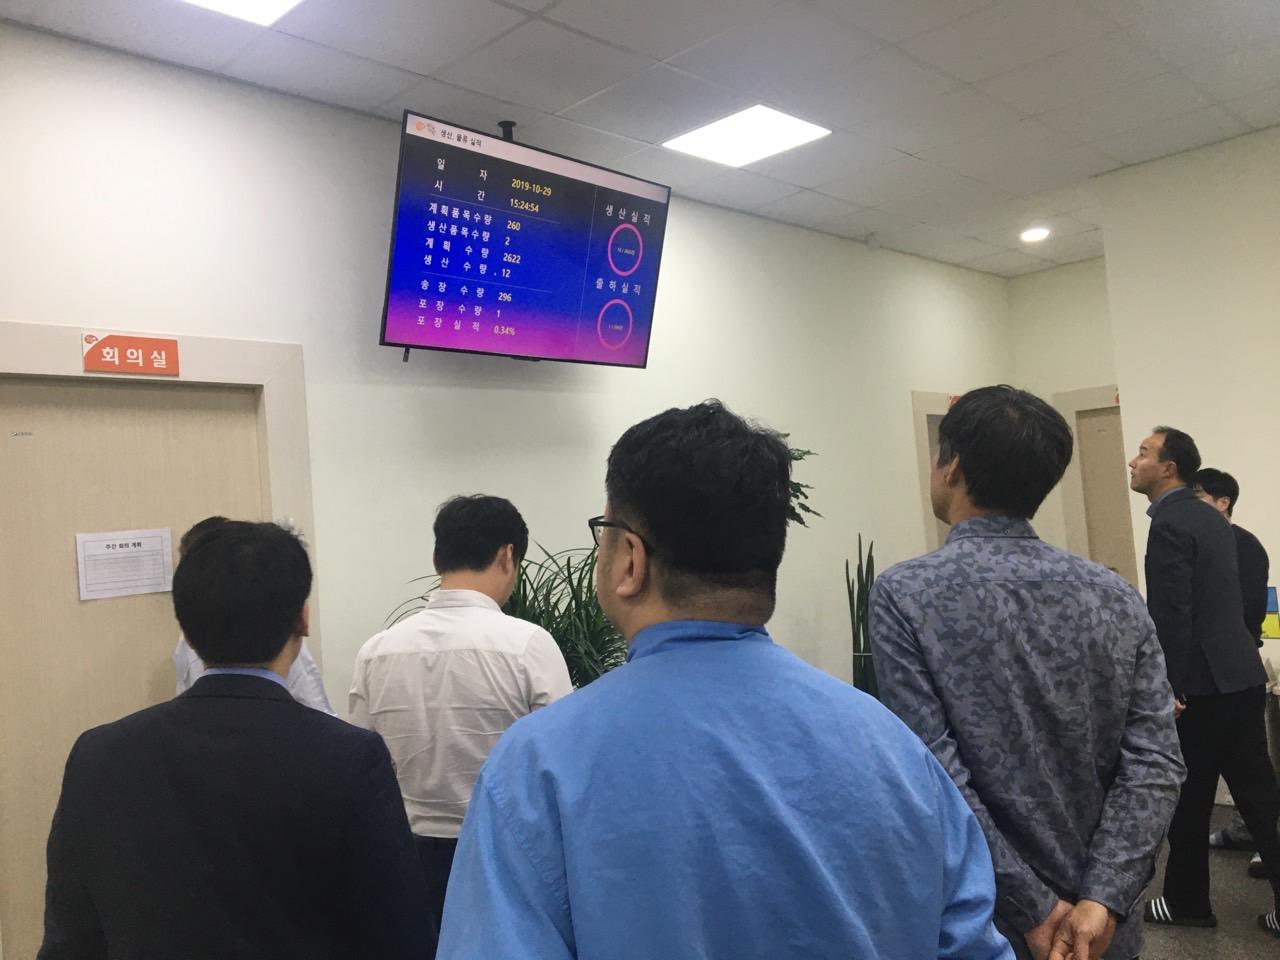 짱죽 스마트공장 현황판 검수